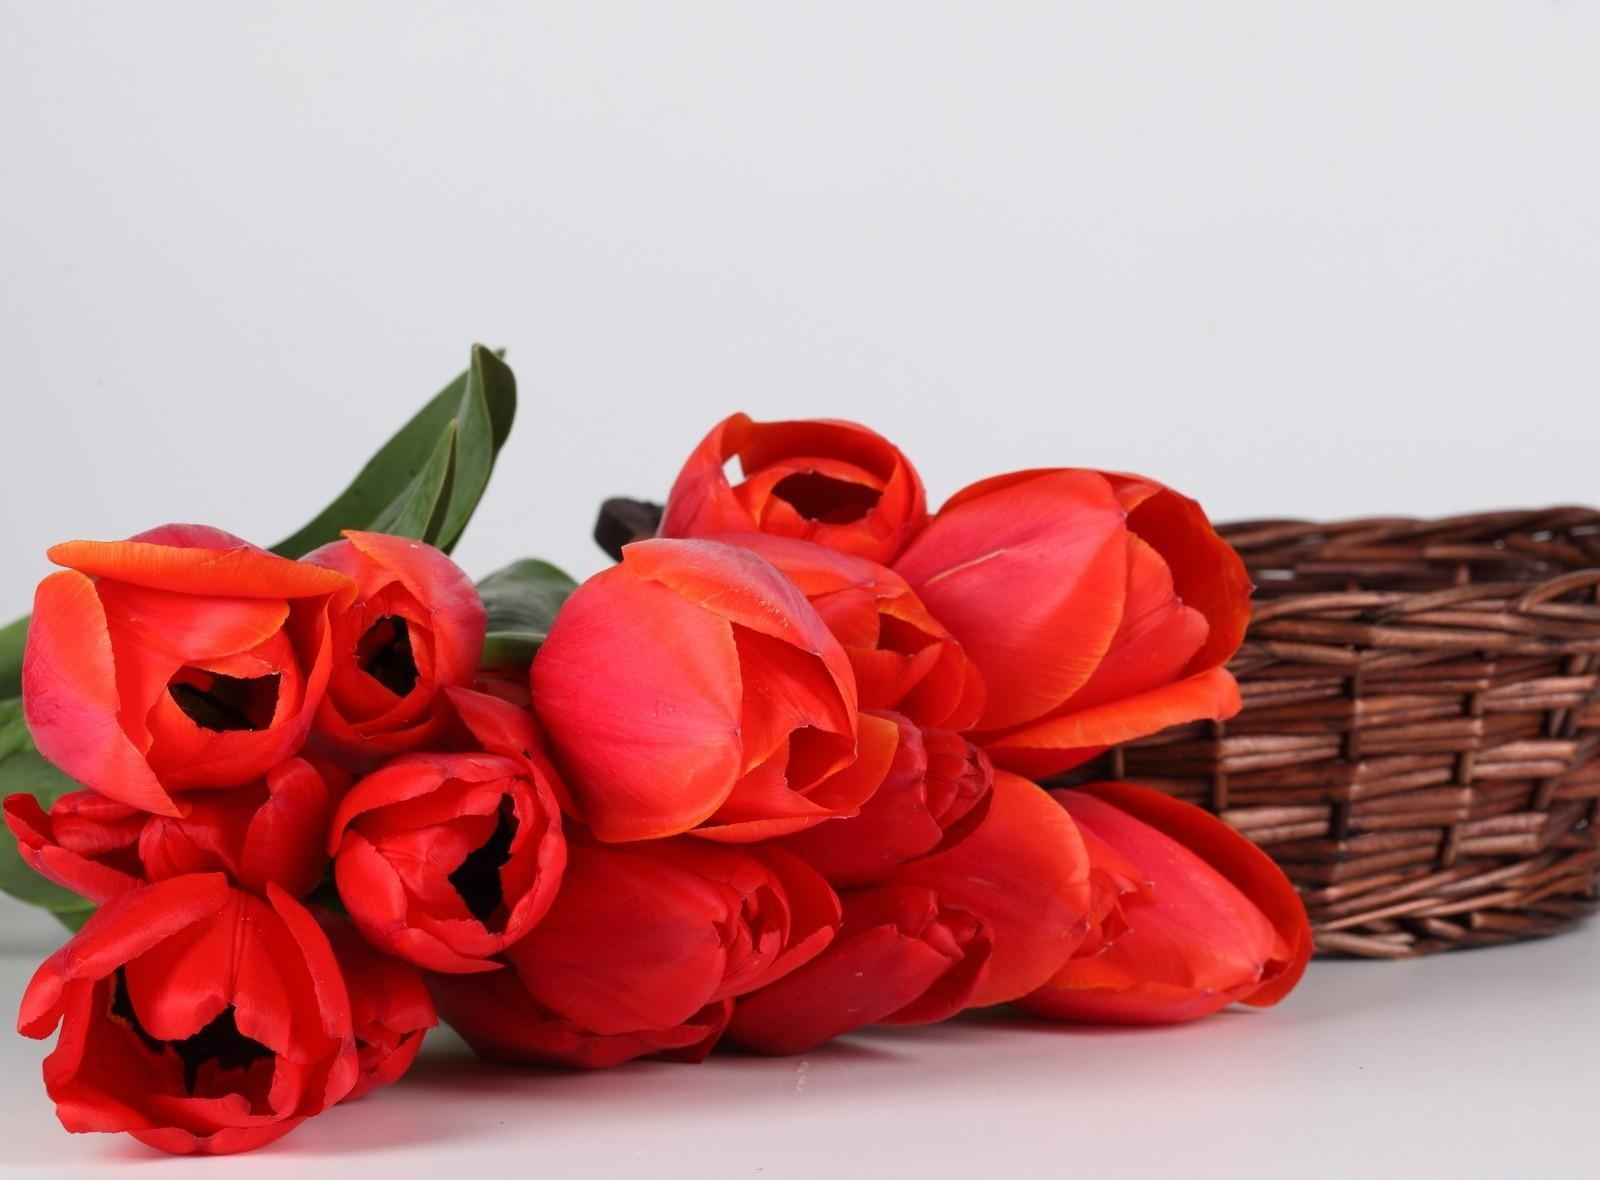 125075 скачать Красные обои на телефон бесплатно, Тюльпаны, Цветы, Лежать, Букет, Корзина Красные картинки и заставки на мобильный